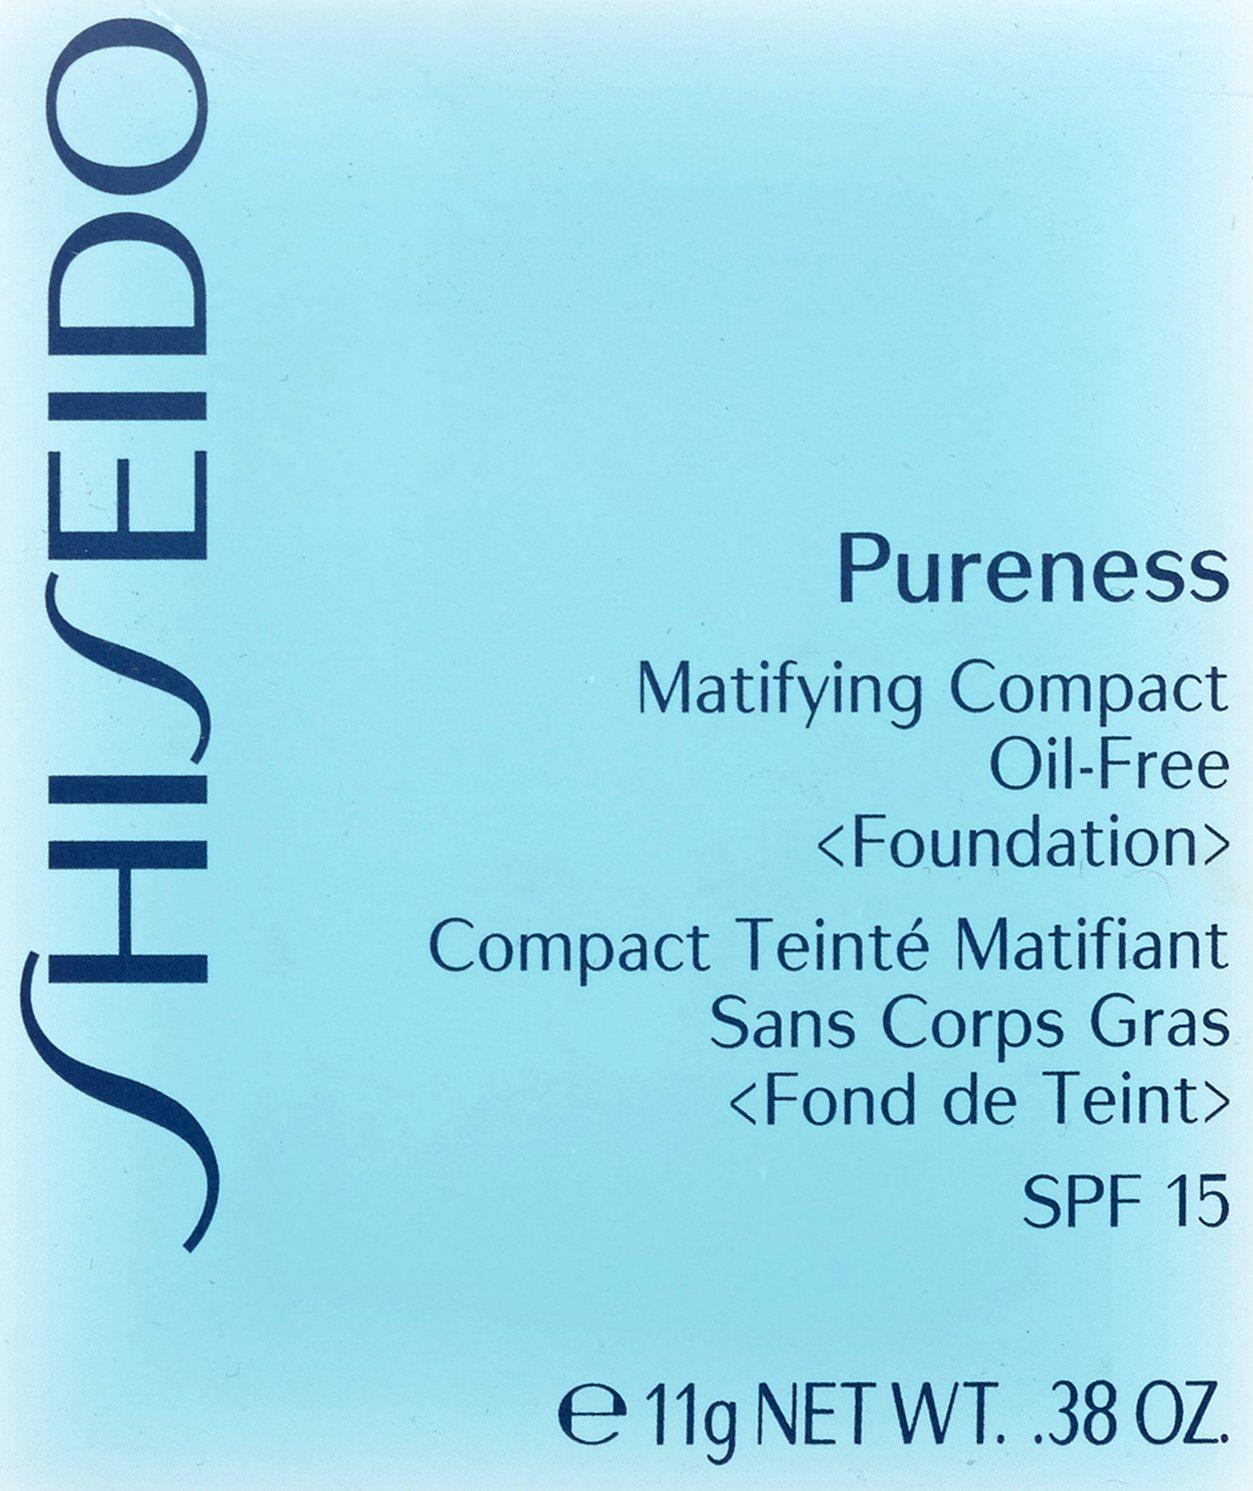 730852167148 Shiseido Italy Shi00018 Fondotinta 18147 w8SpnxAvOp